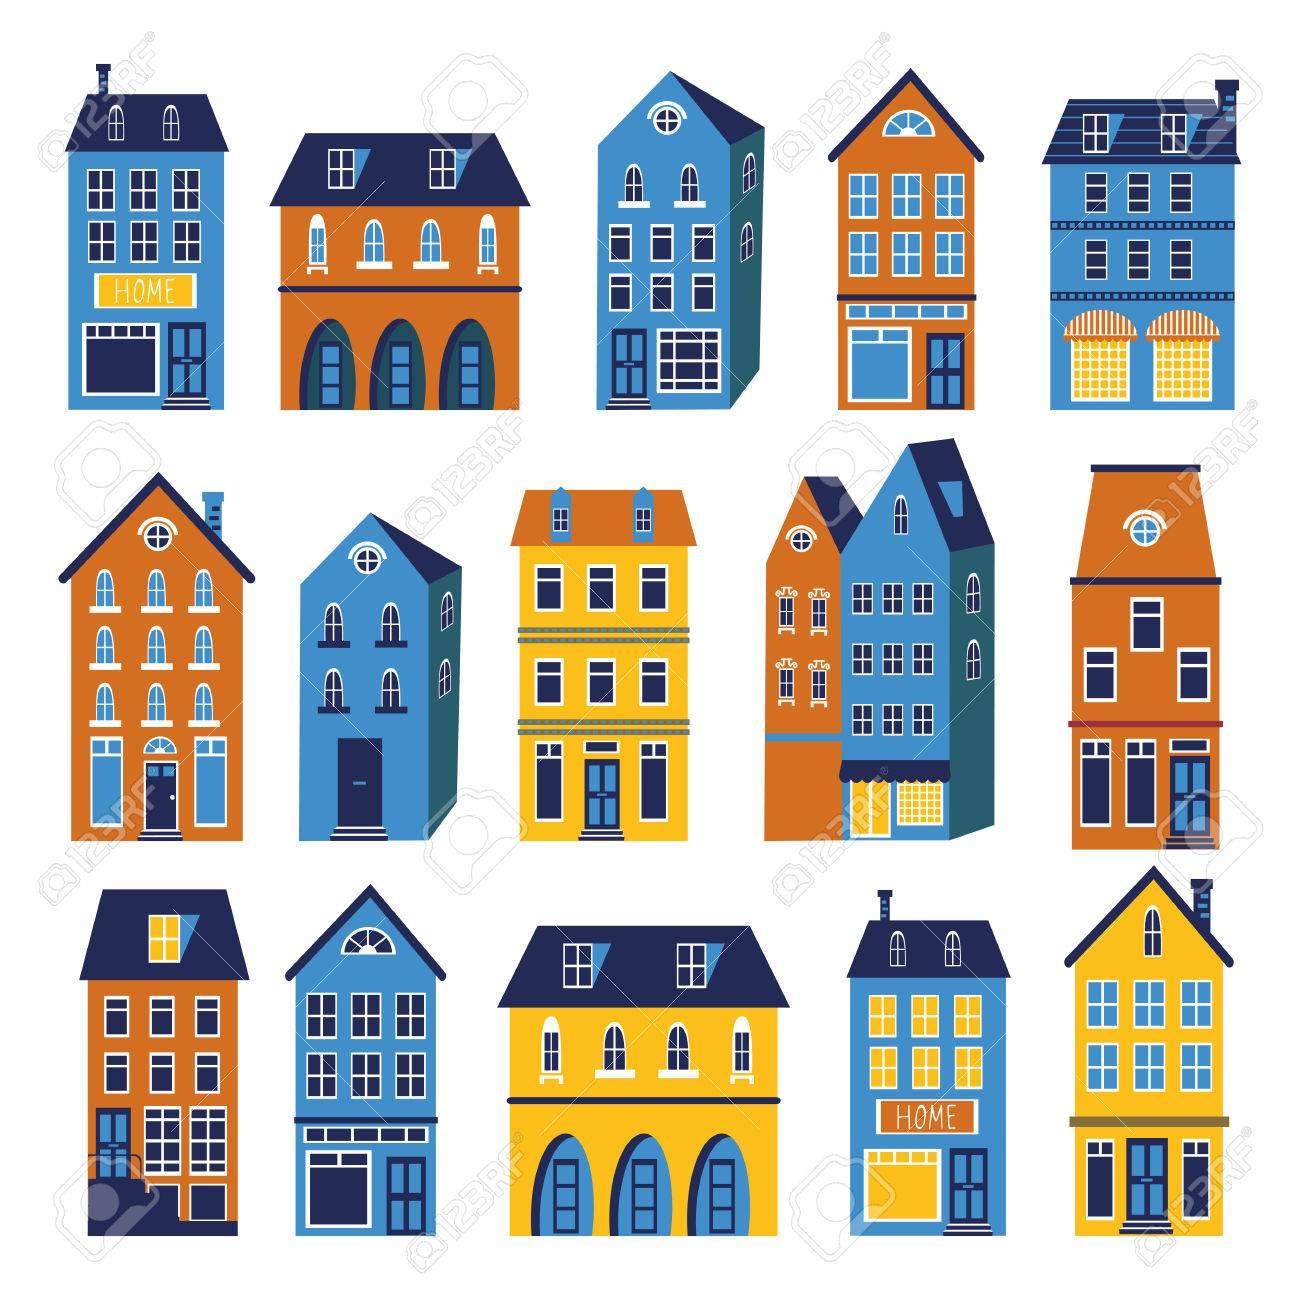 かわいい家のカラフルなセットベクトル形式のイラスト